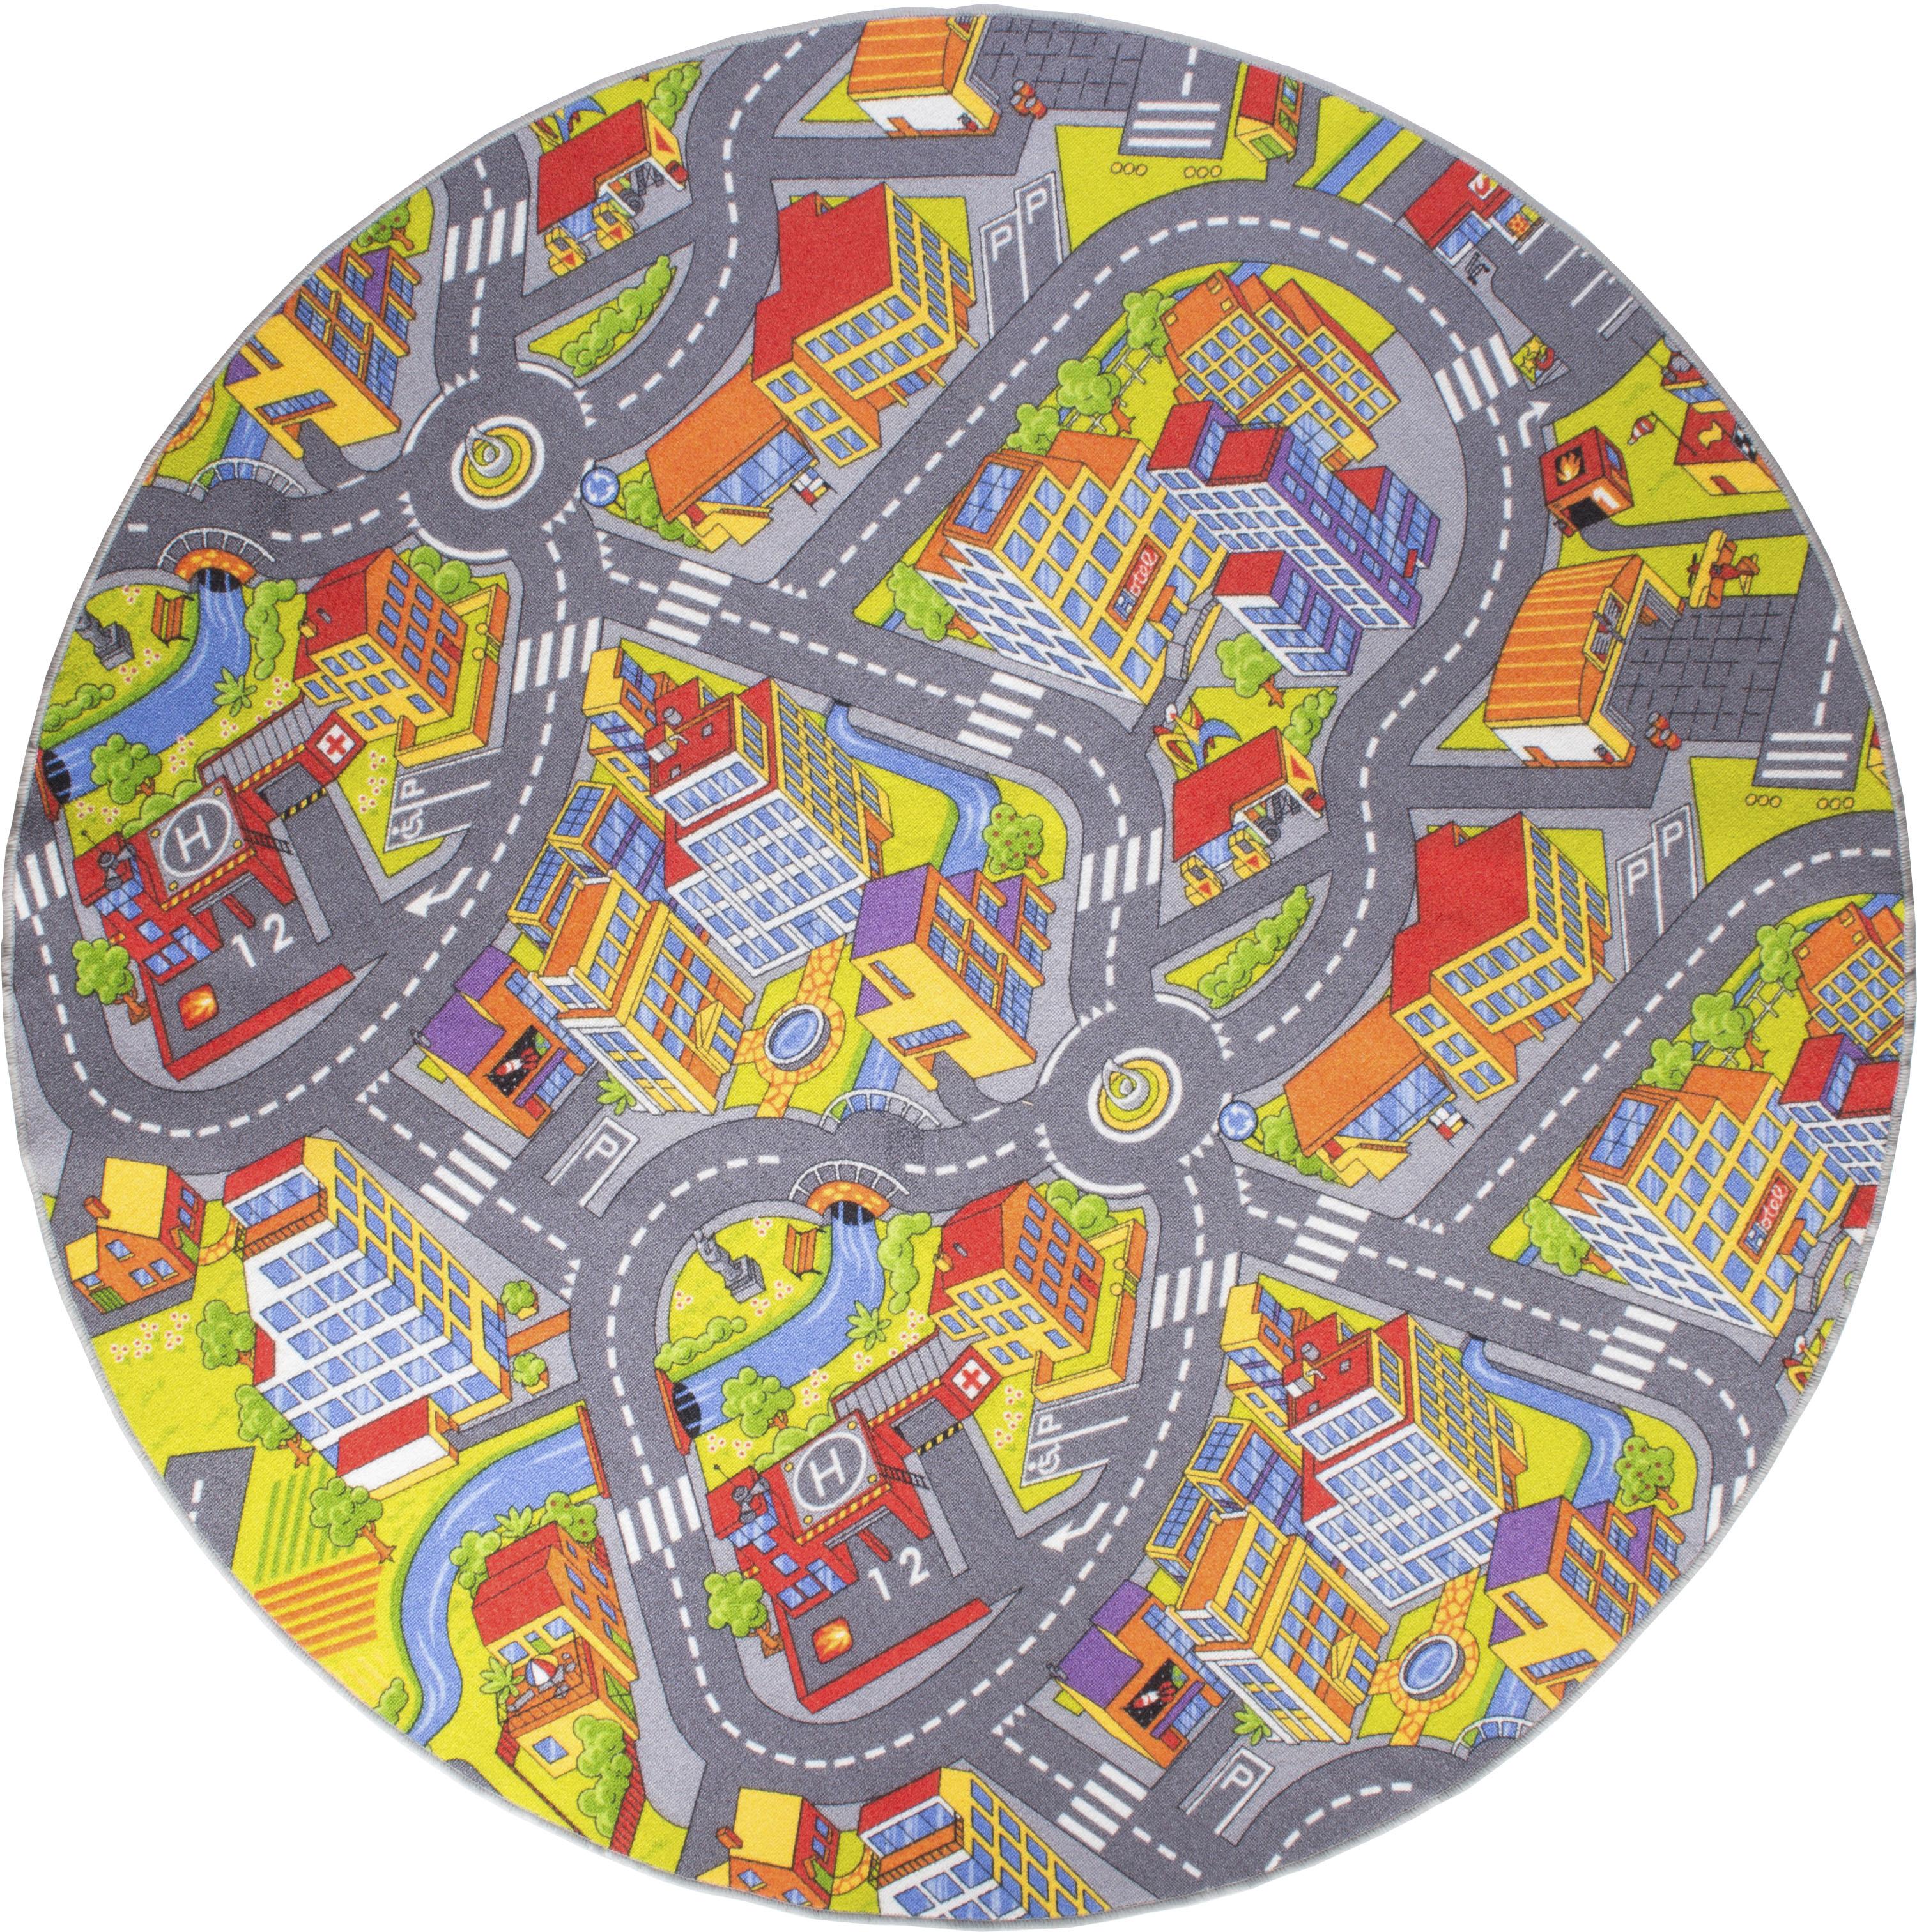 Kinderteppich, Straße, Andiamo, rund, Höhe 5 mm, maschinell getuftet bunt Kinder Bunte Kinderteppiche Teppiche